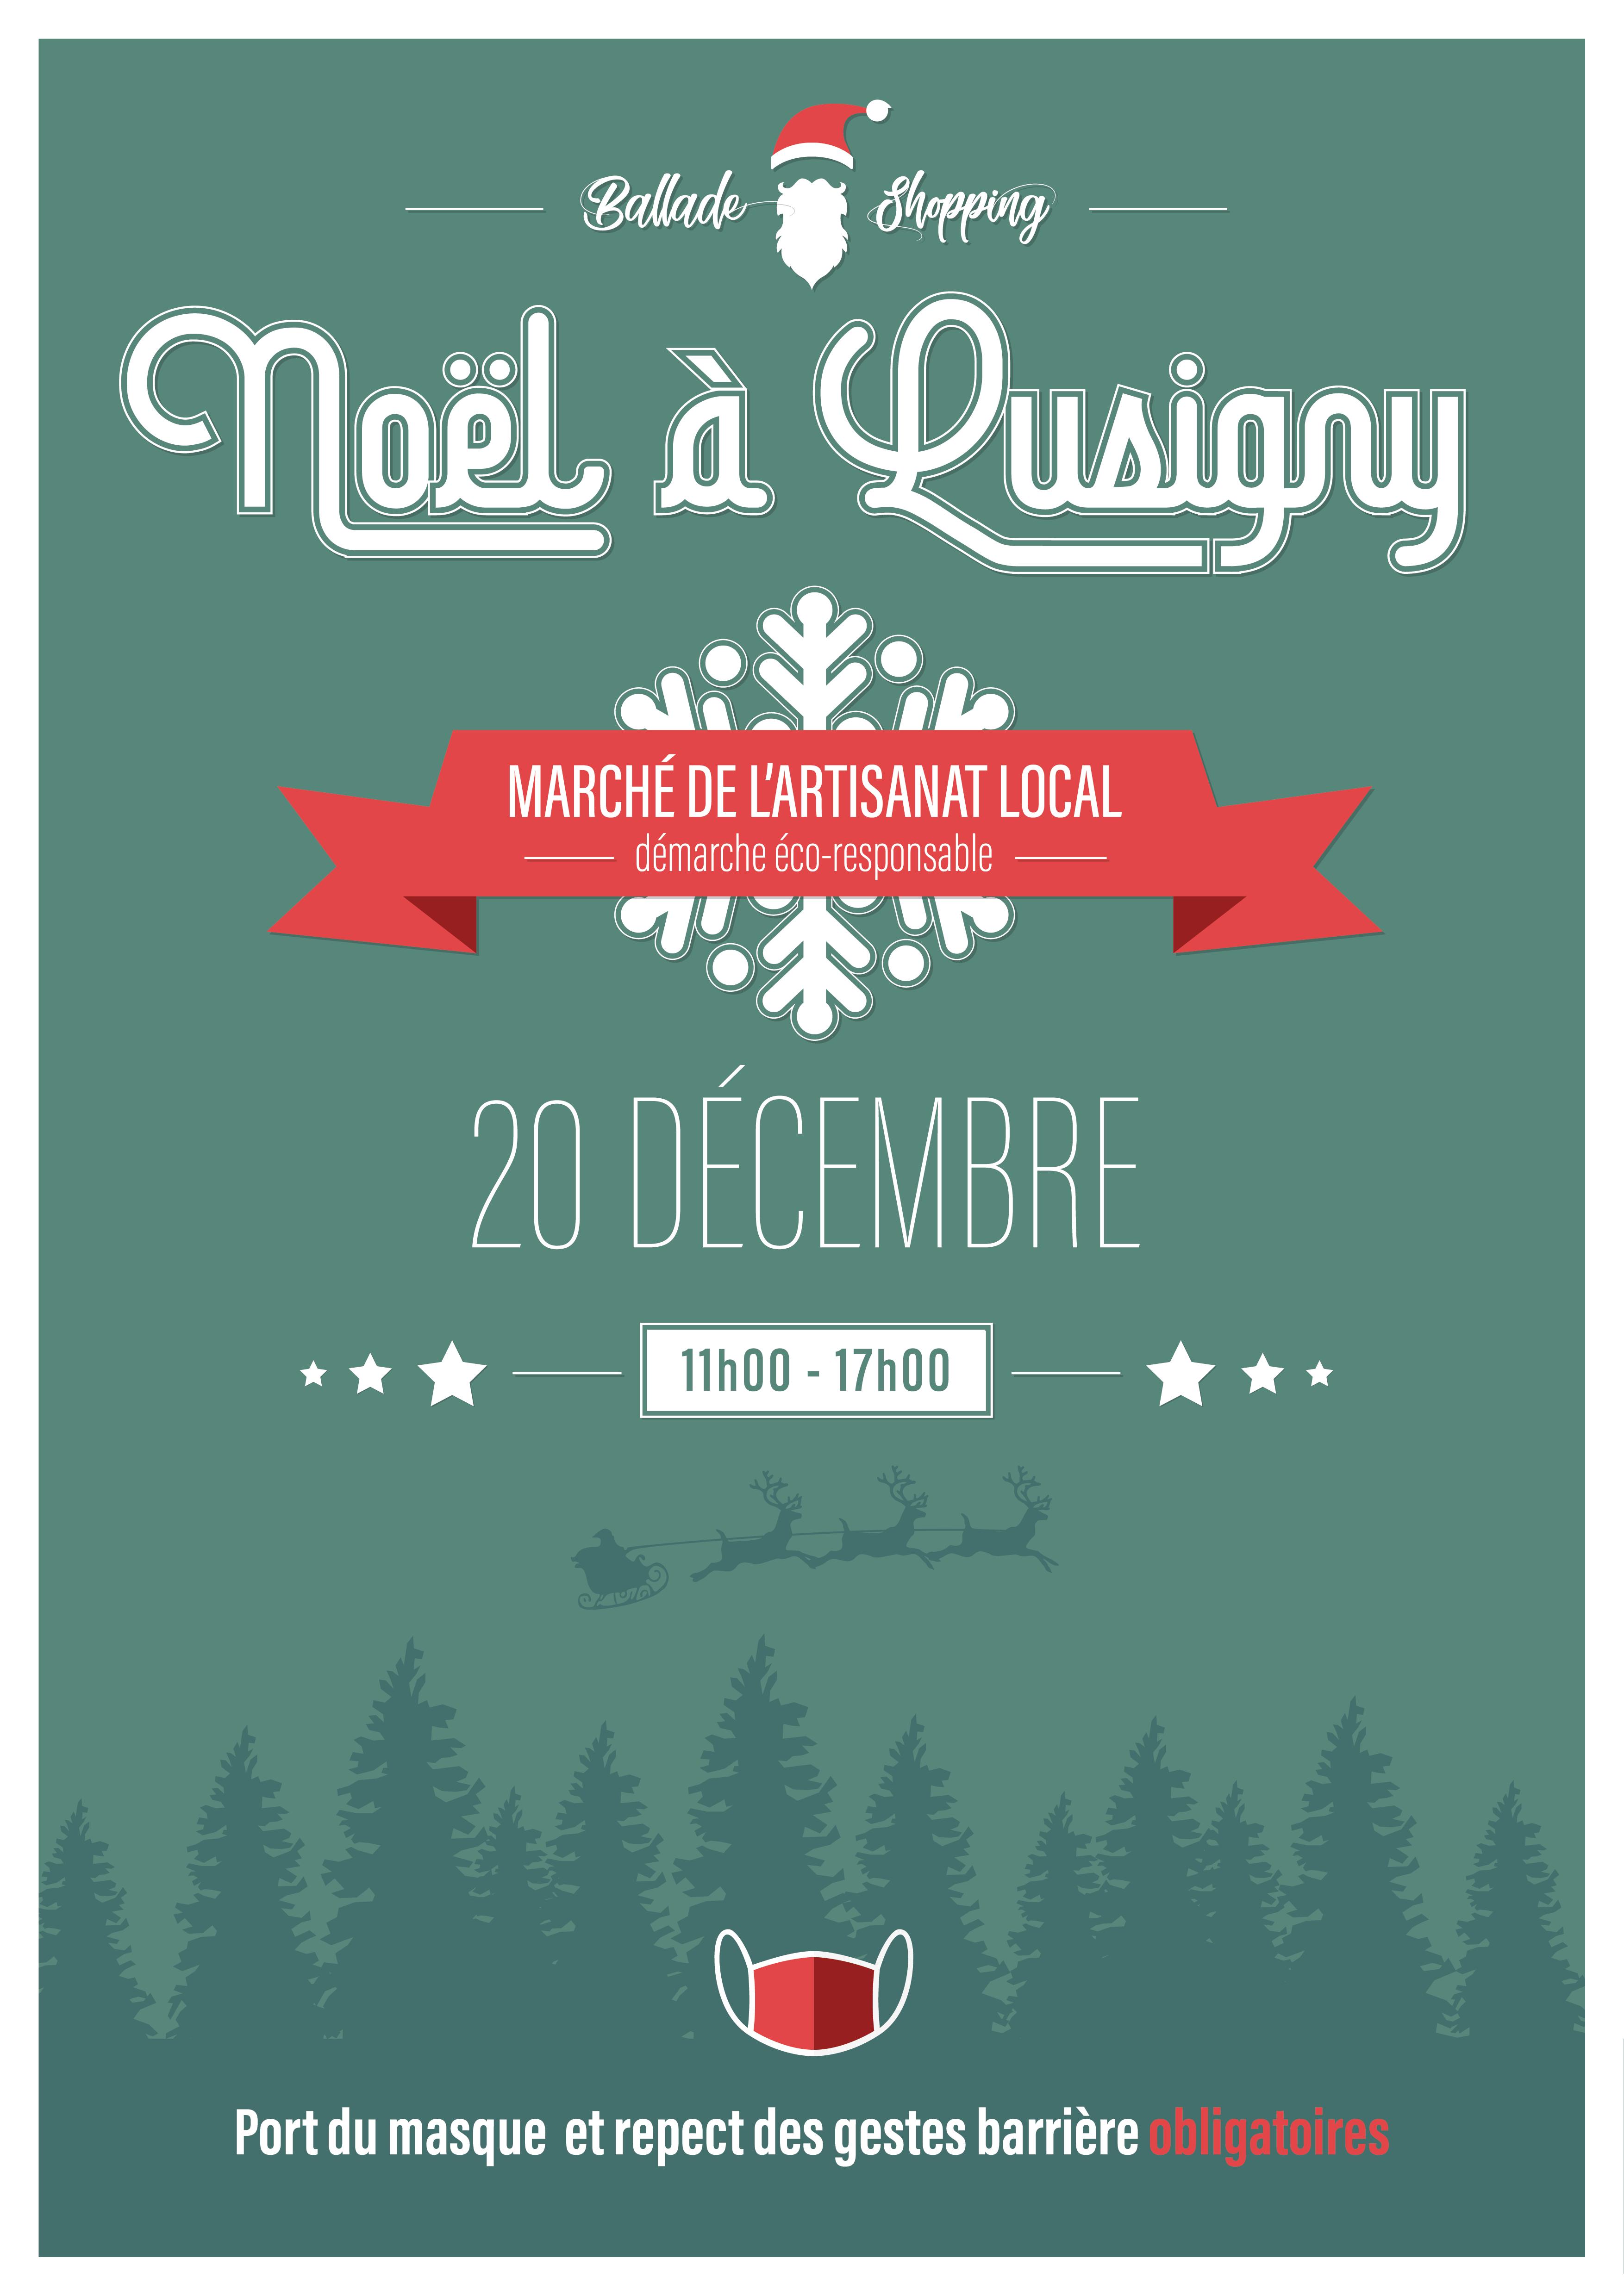 Marché de Noël à Lusigny sur Ouche le 20 décembre 2020 entre 11h et 17h